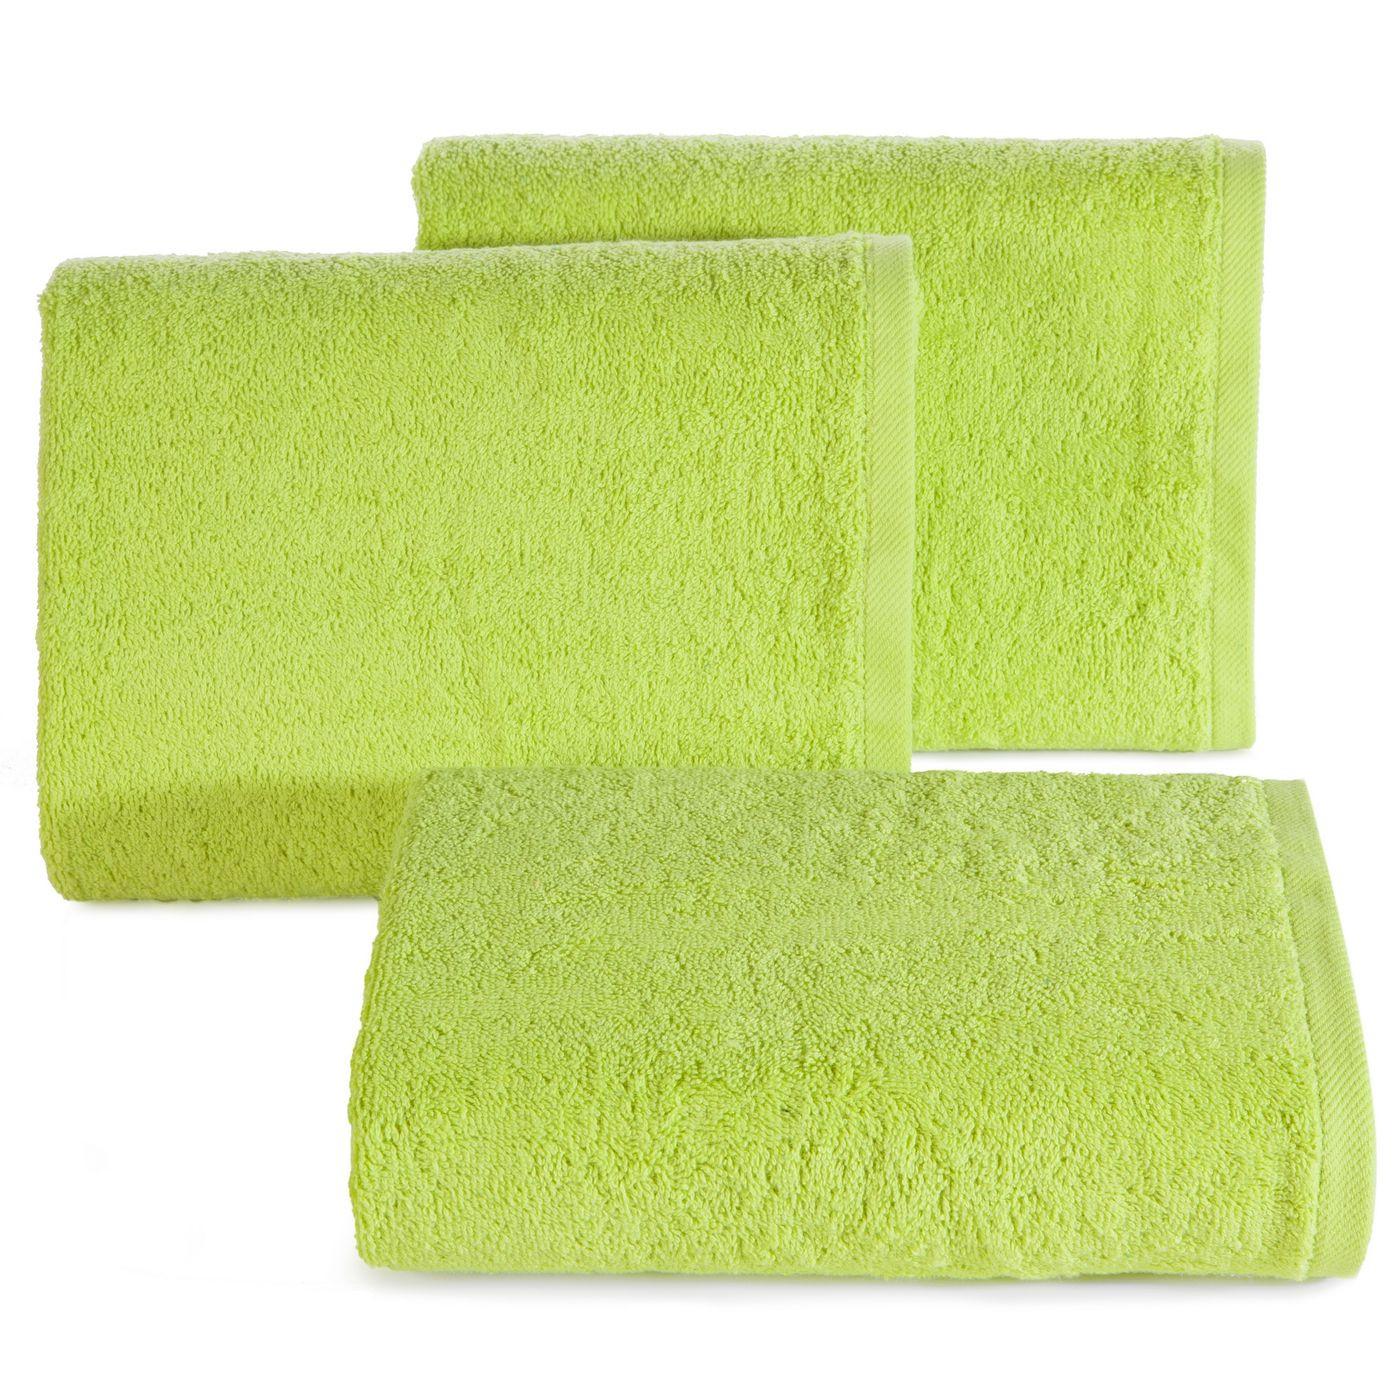 Ręcznik gładki w kolorze jasnozielonym 70x140cm